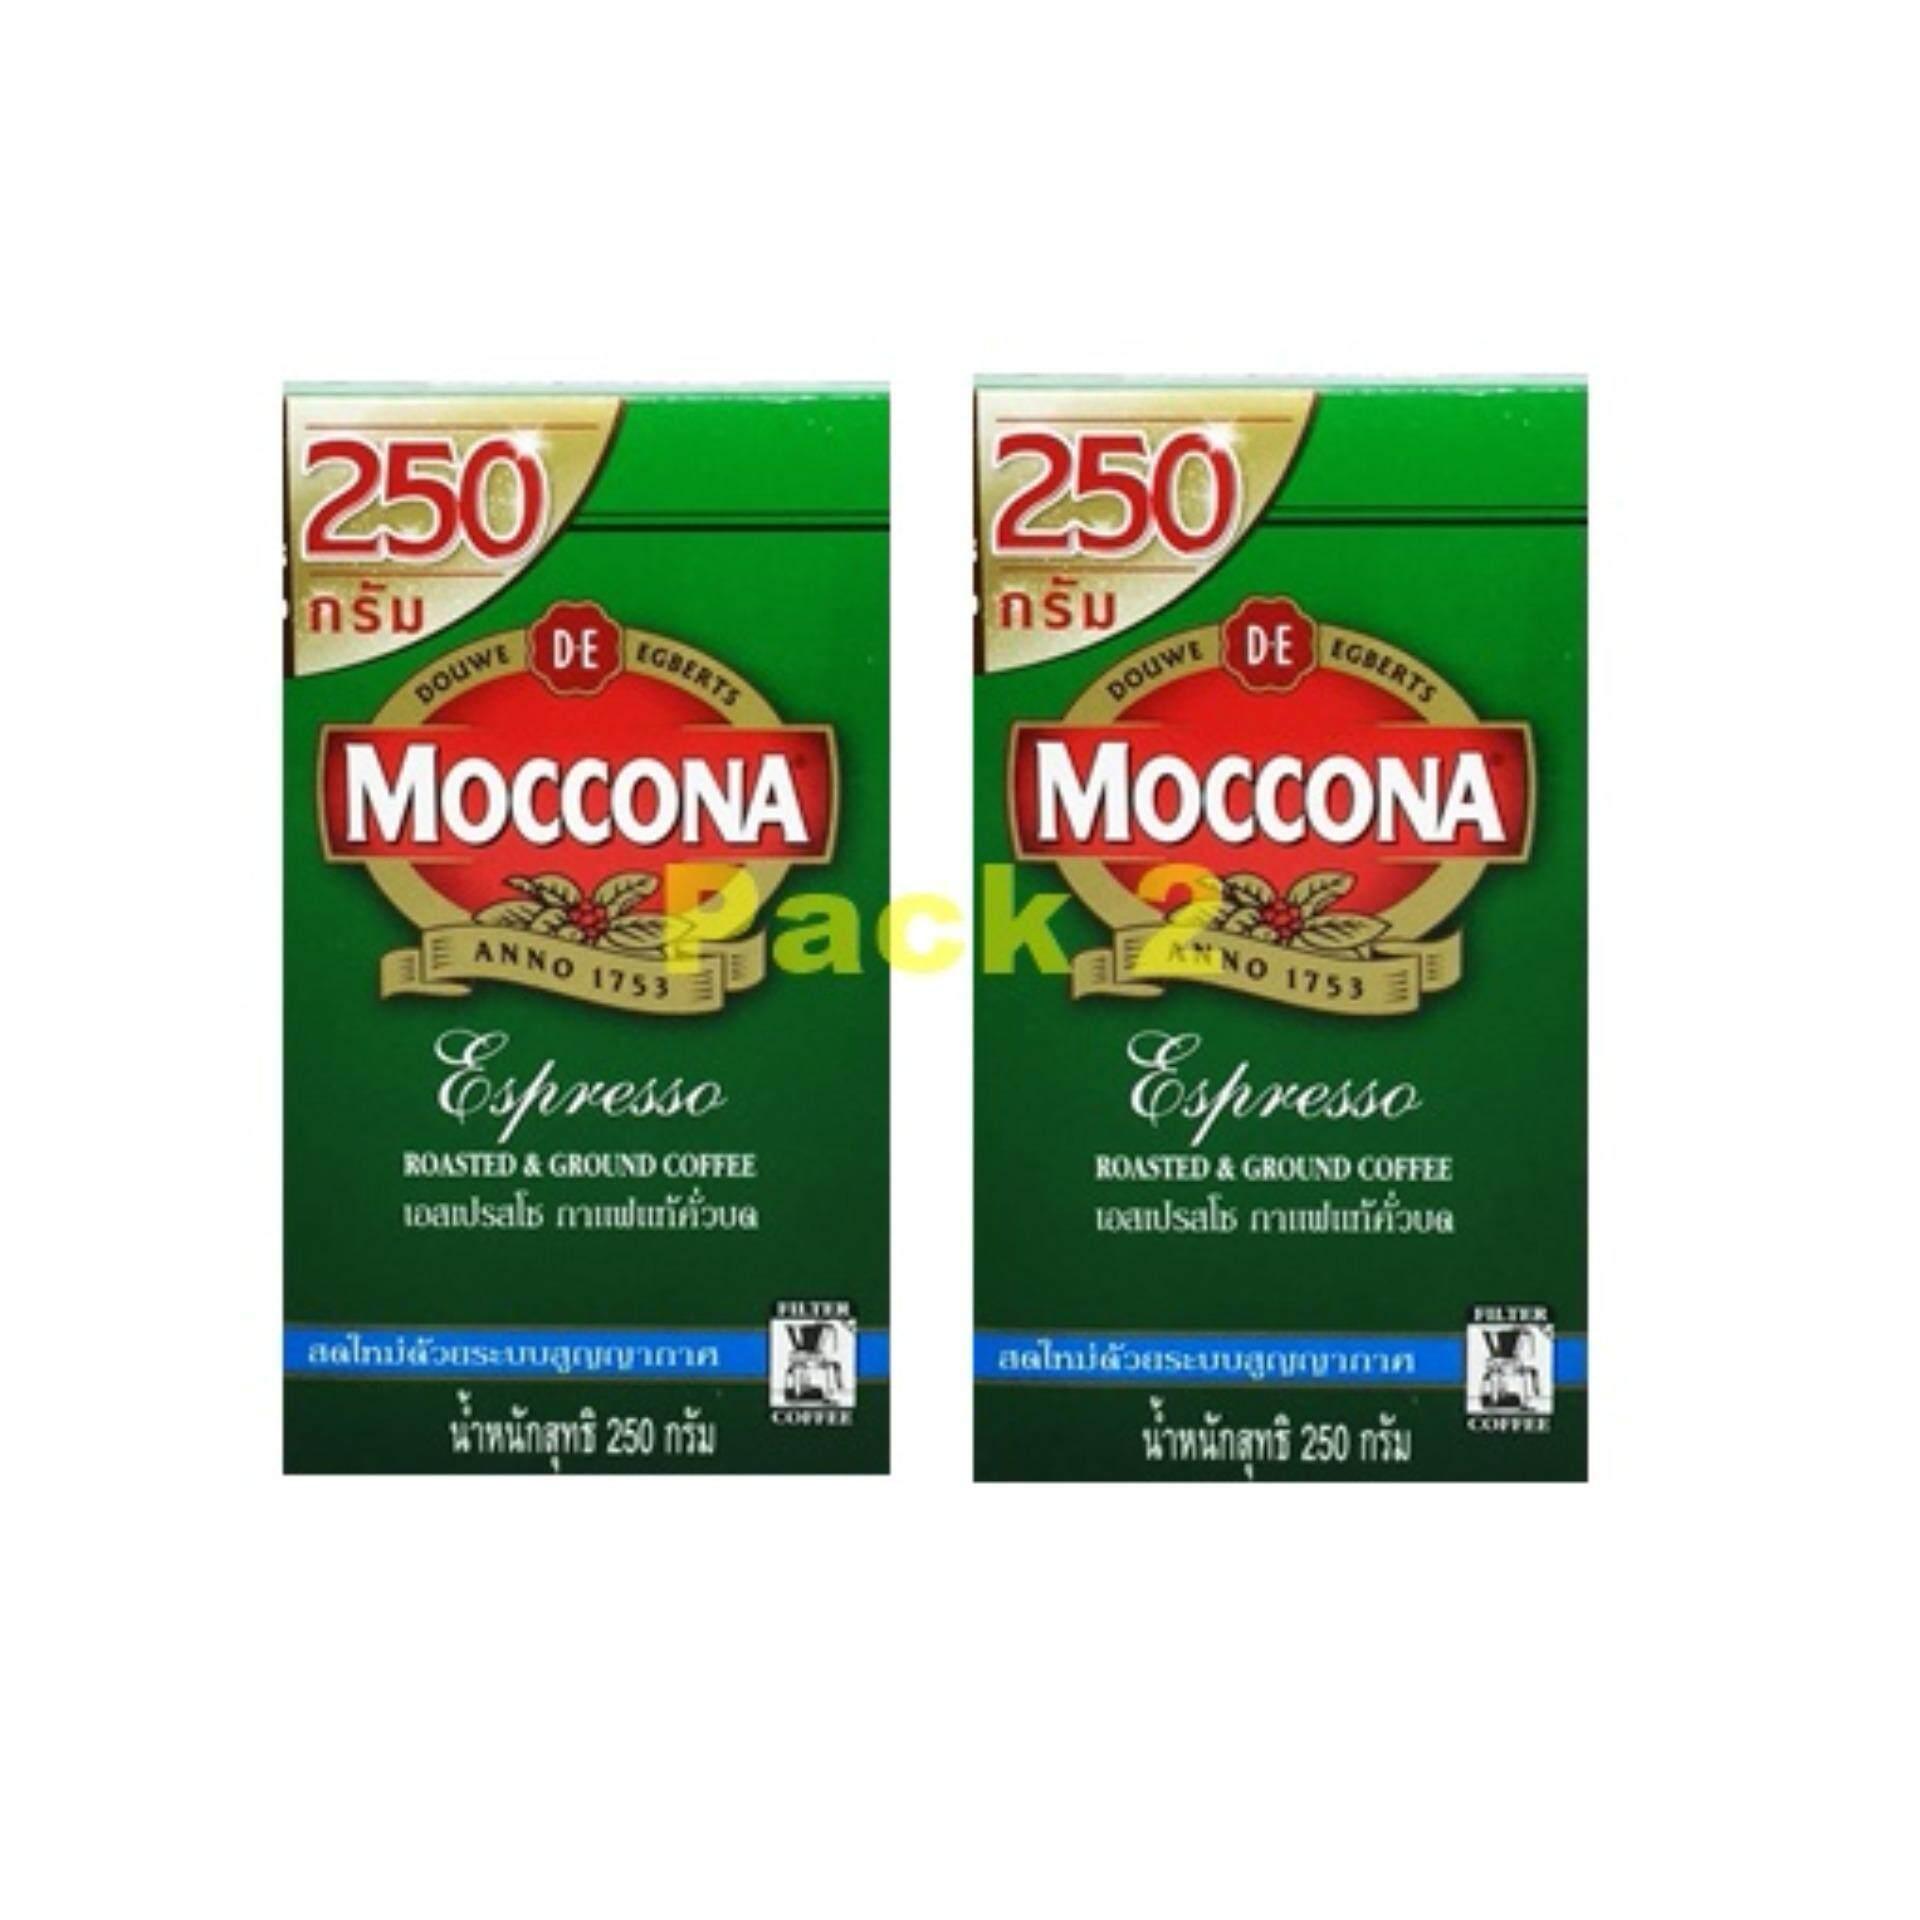 ราคา กาแฟแท้คั่วบด มอคโคน่า เอสเปรสโซ ใหม่